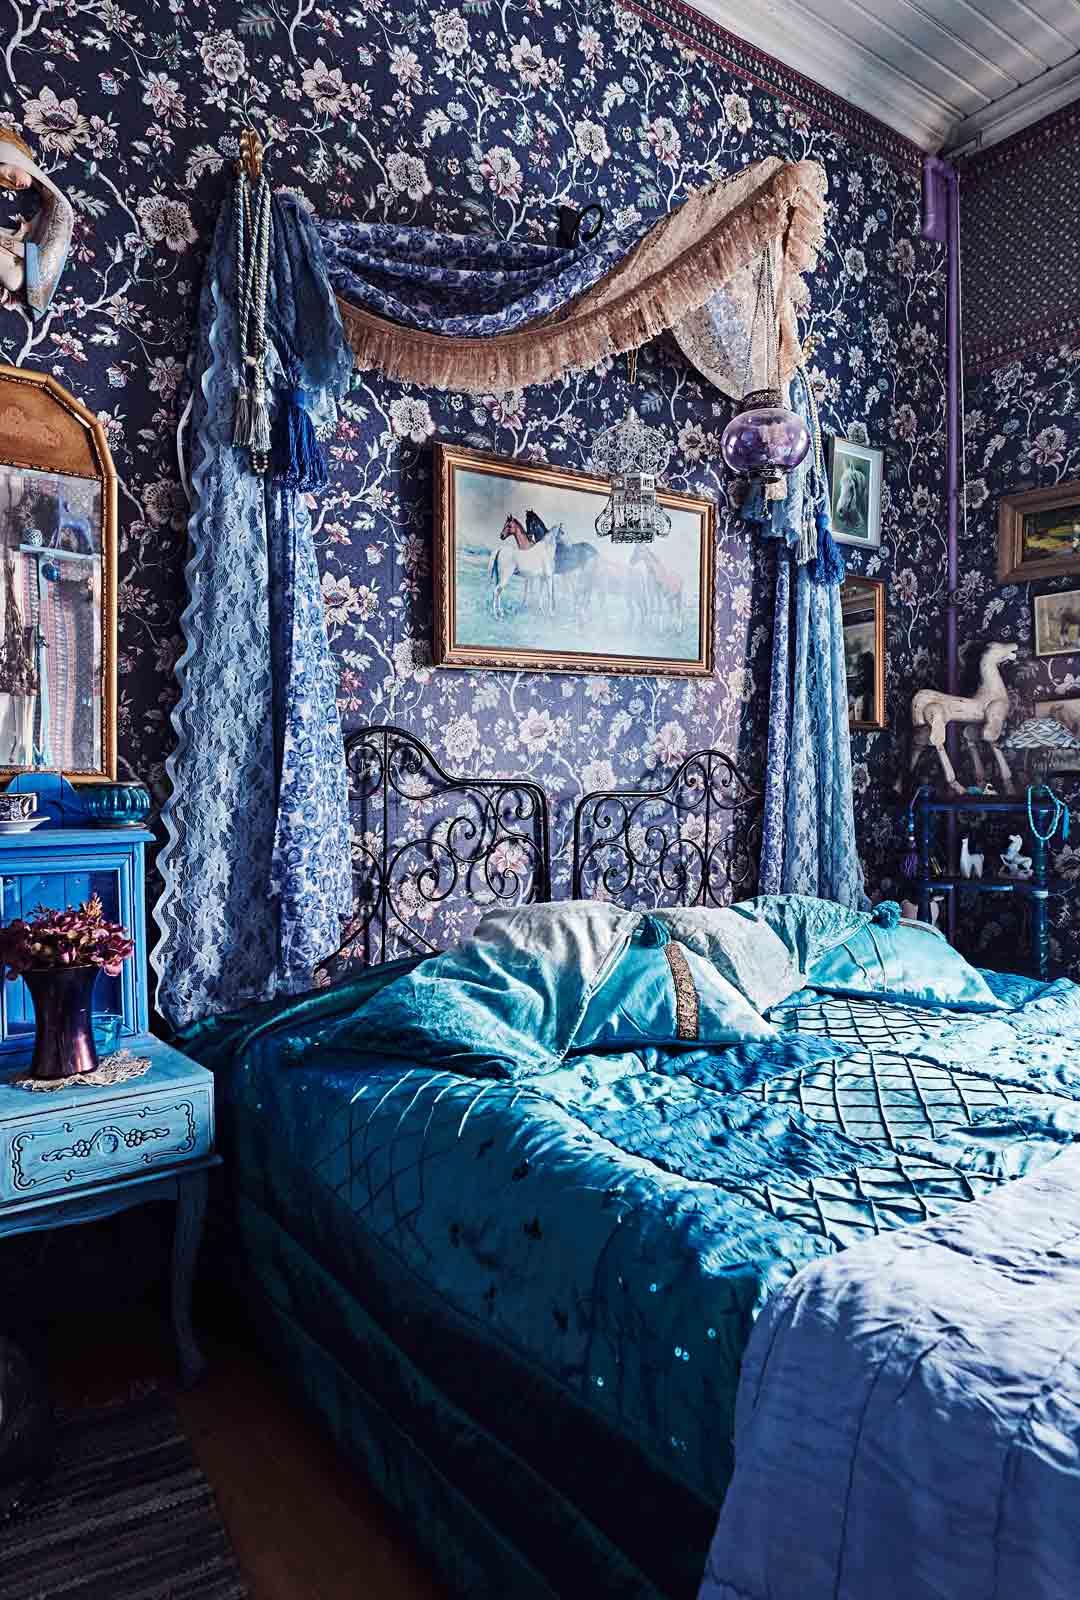 Prinsessamainen vierashuone loistaa sinisenä.